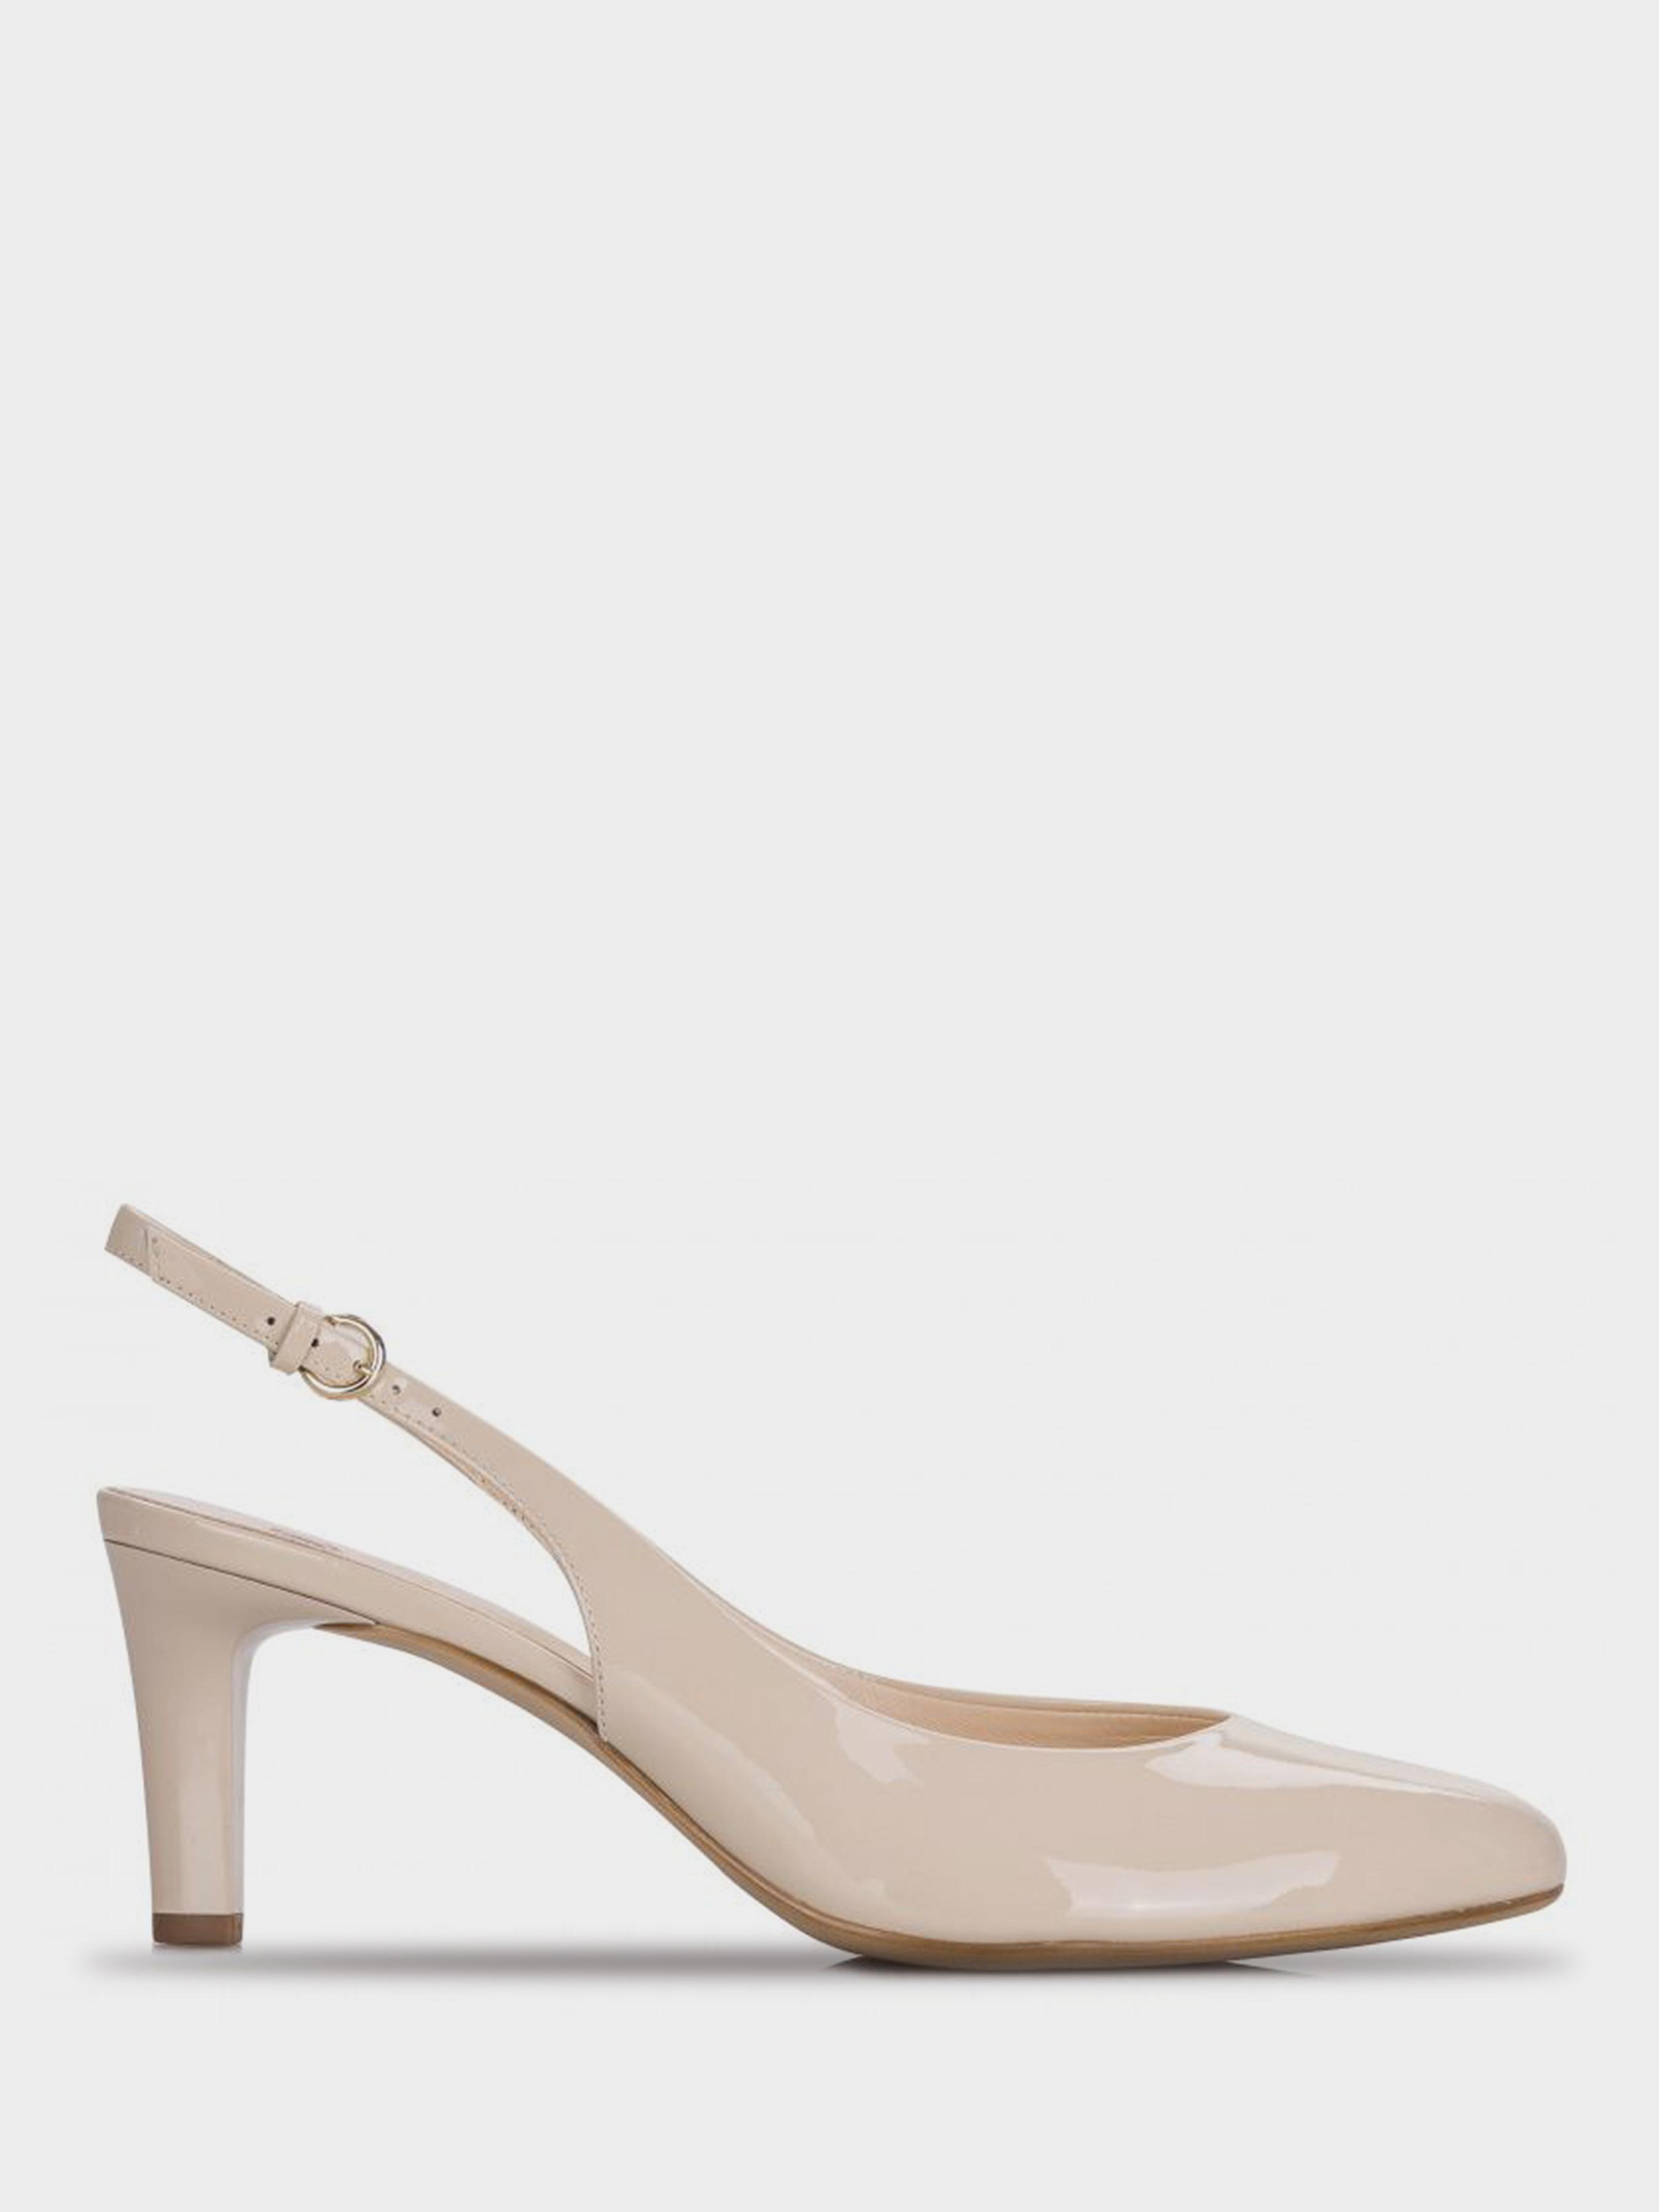 Купить Туфли женские Hogl ETERNA YN3919, Бежевый